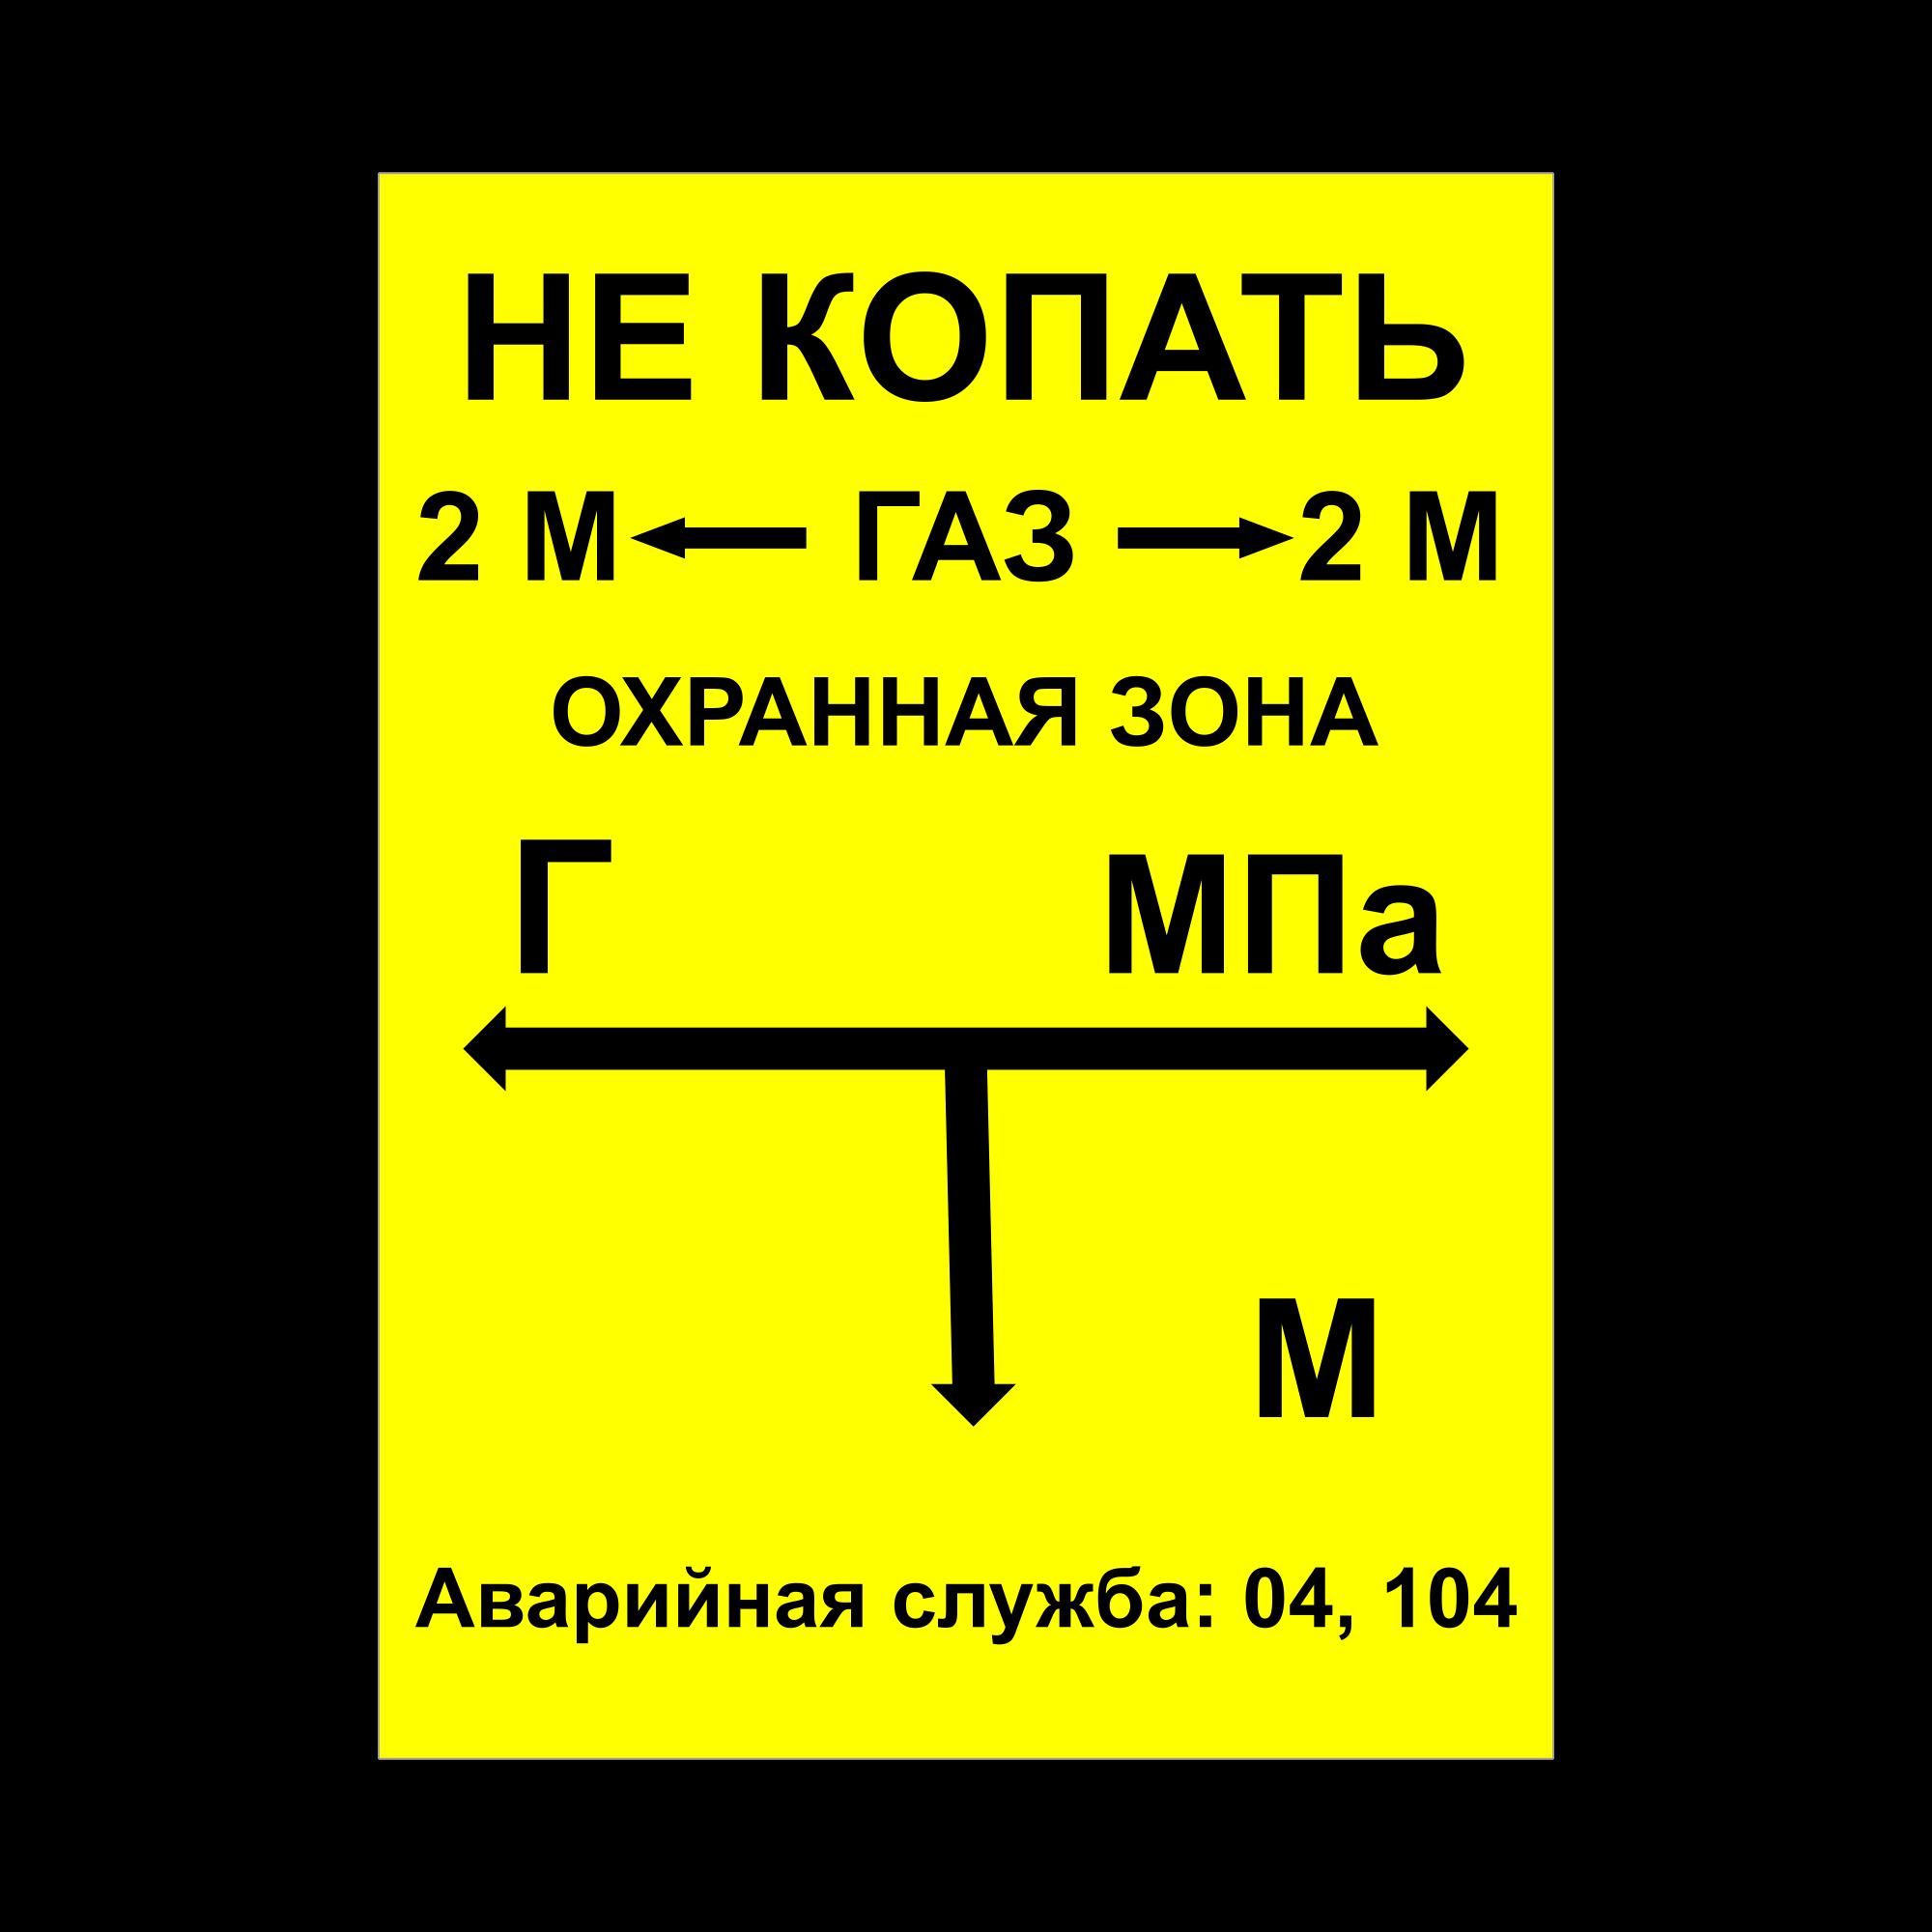 ЗОГ-07 Табличка указатель подземного газопровода